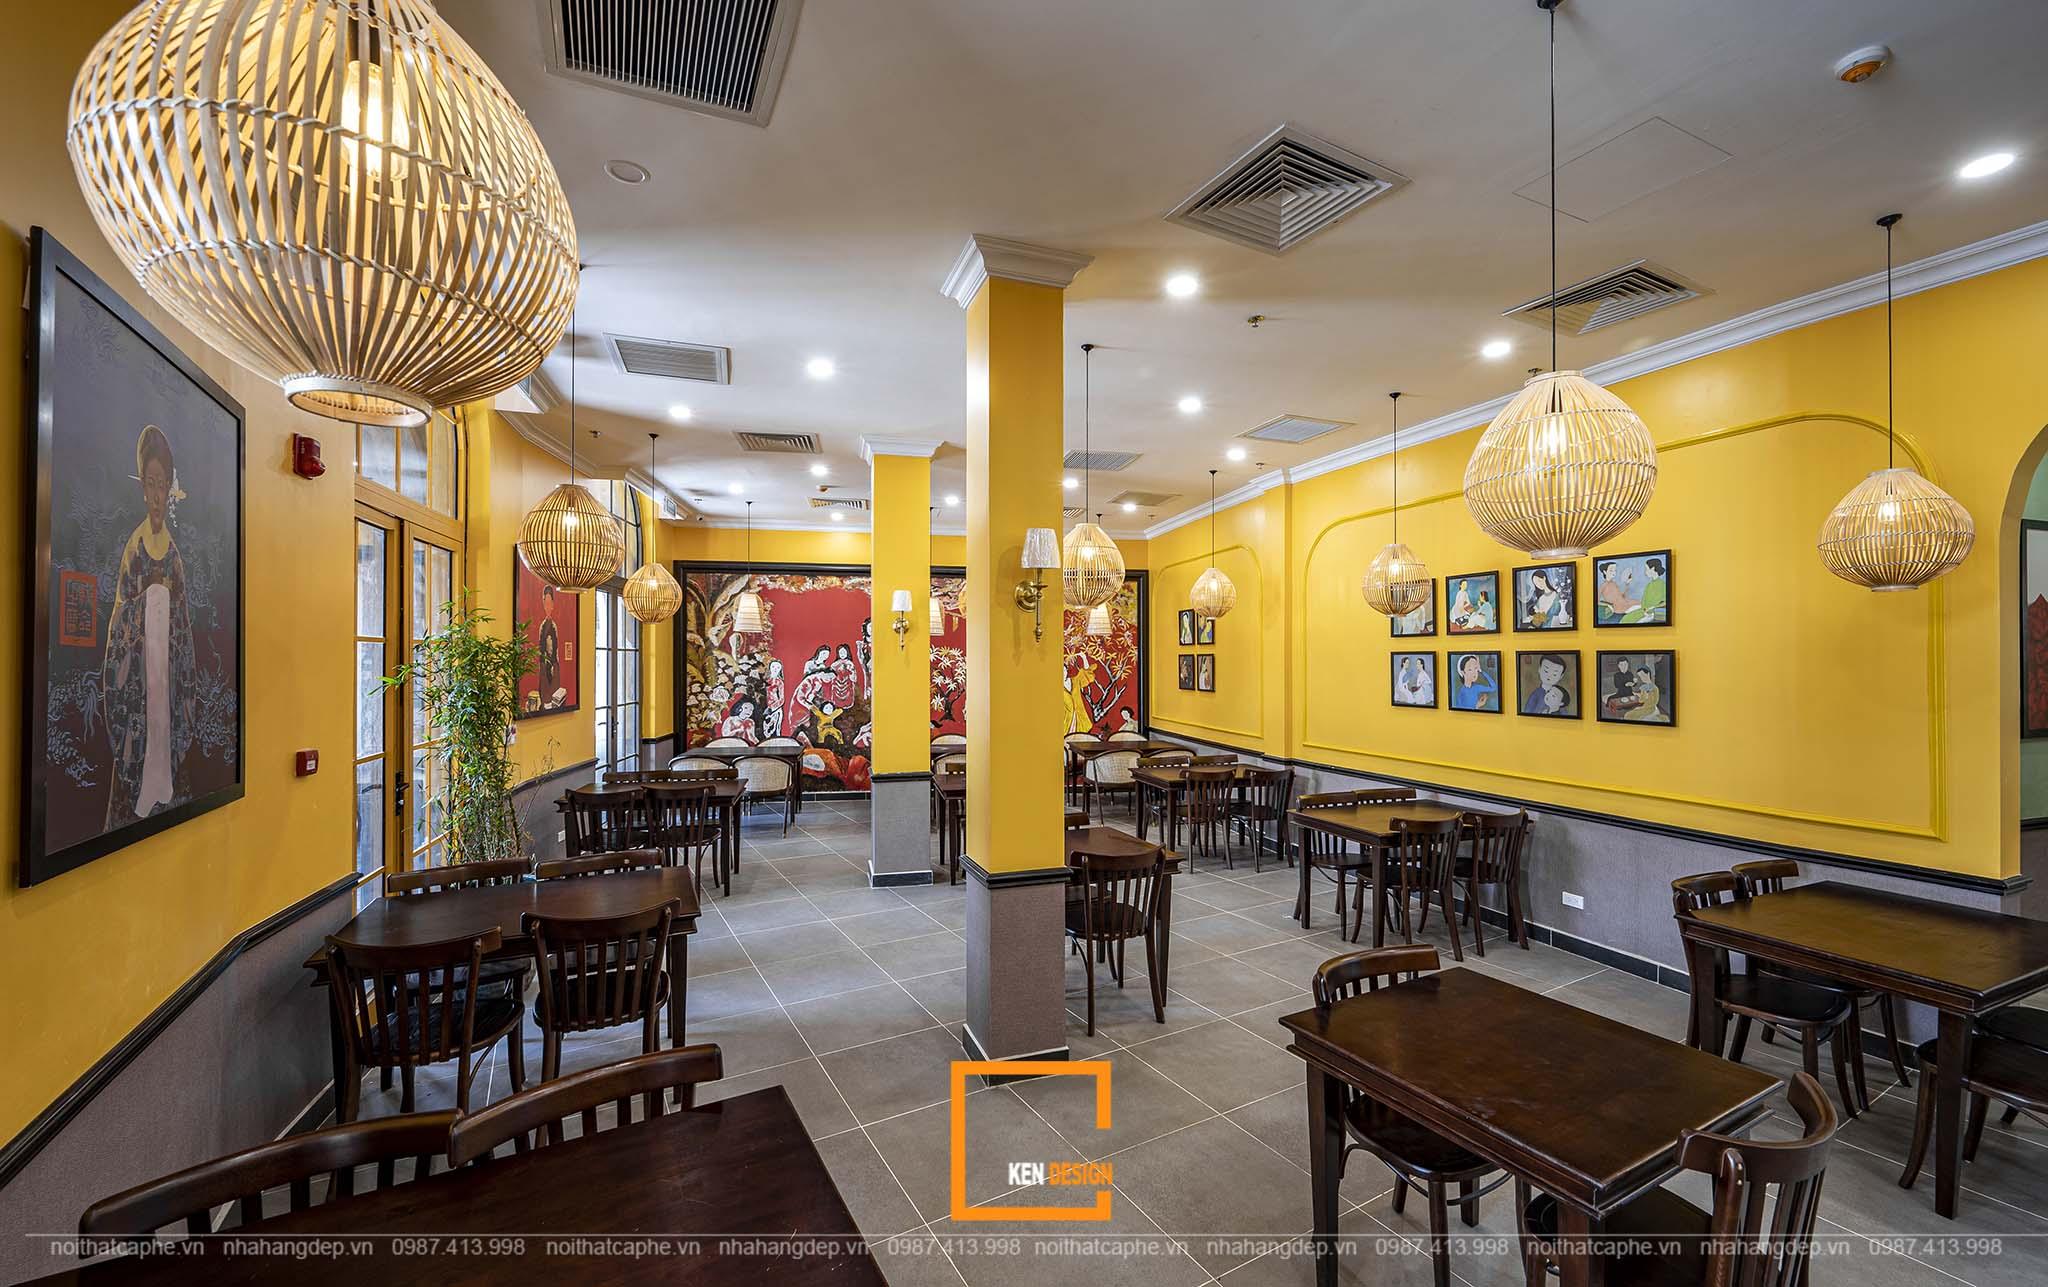 Vẻ đẹp tinh tế, vượt thời gian cùng thiết kế quán cà phê phong cách Đông Dương